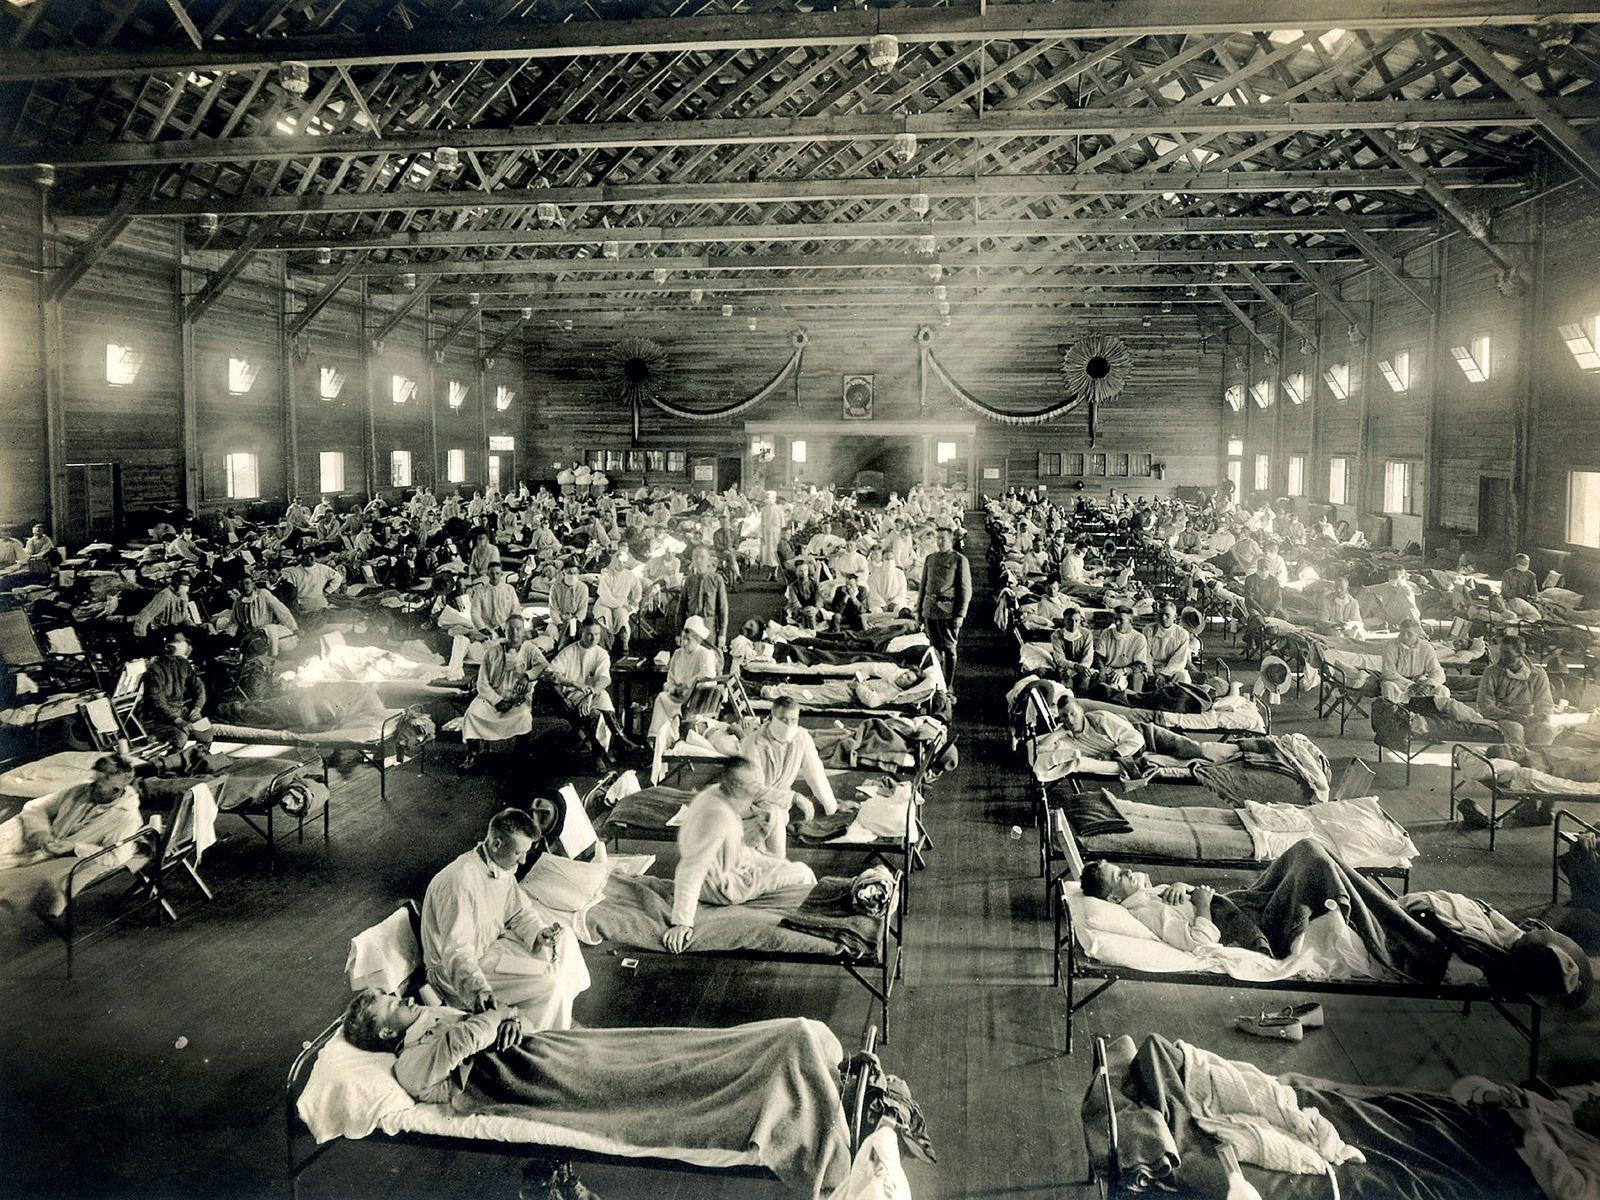 Die ersten offiziellen Fälle der Spanischen Grippe von 1918 wurden im US-Militärcamp Funston in Kansas dokumentiert, ...